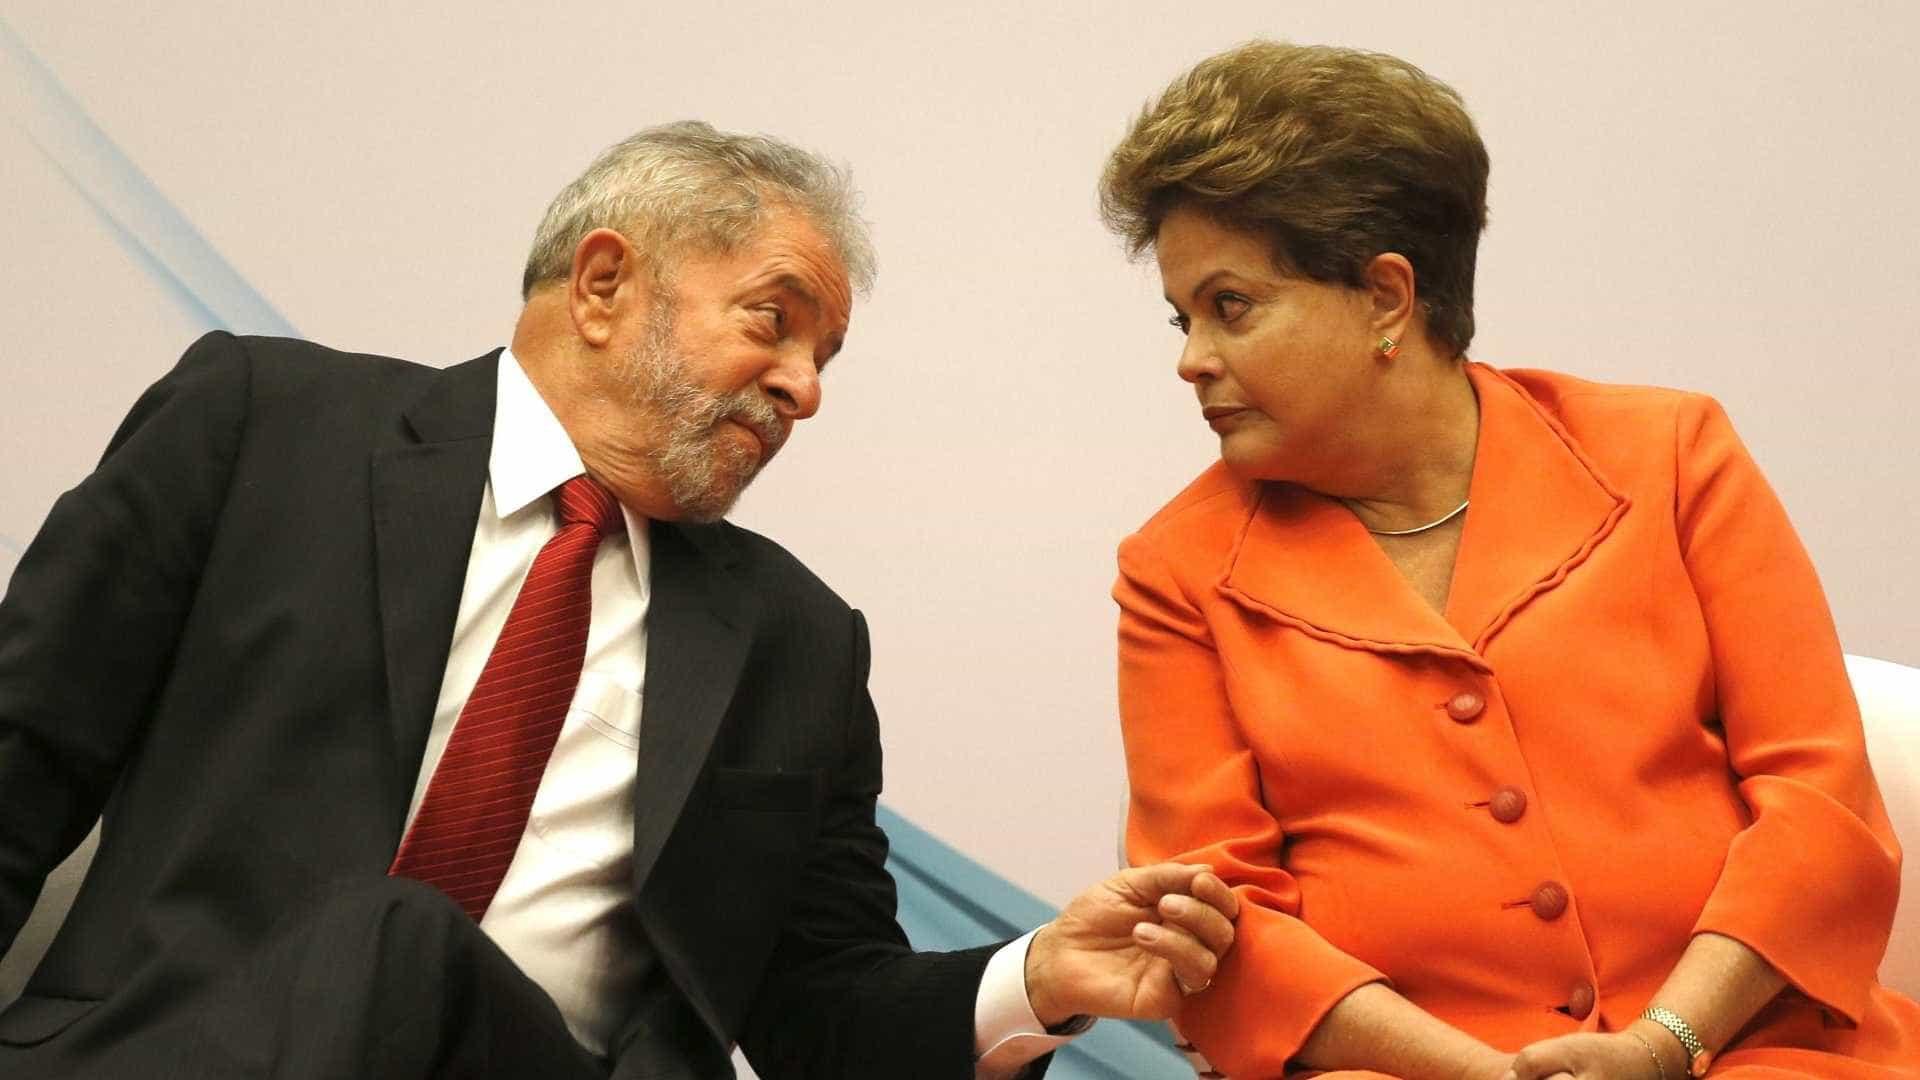 JBS entrega extrato de contas atribuídas a Lula e Dilma, diz colunista